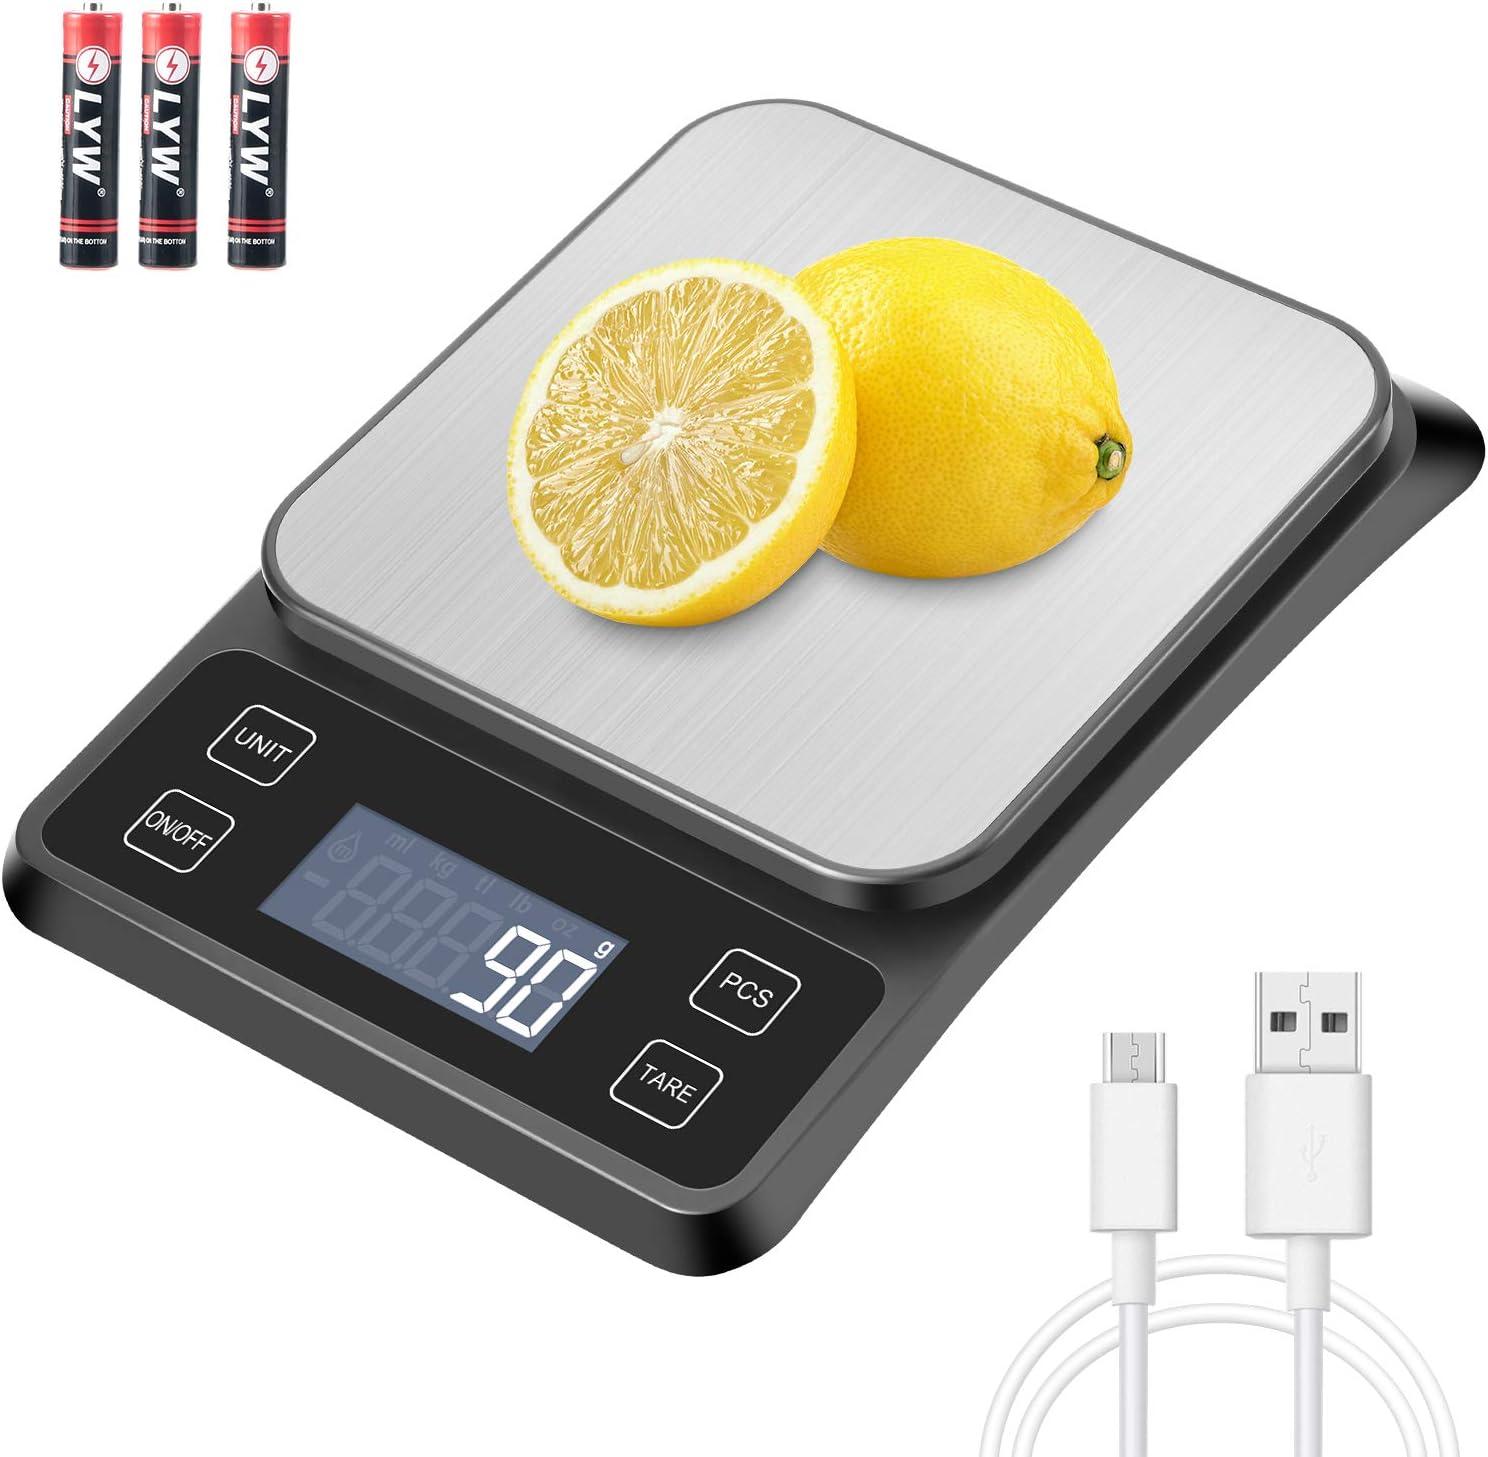 MOSUO Báscula Digital para Cocina con Cable USB, Báscula Cocina Digital 10kg/1g Peso de Cocina, Balanza de Alimentos Acero Inoxidable con Gran Pantalla LCD, Función de Tara (Baterias Incluidas)